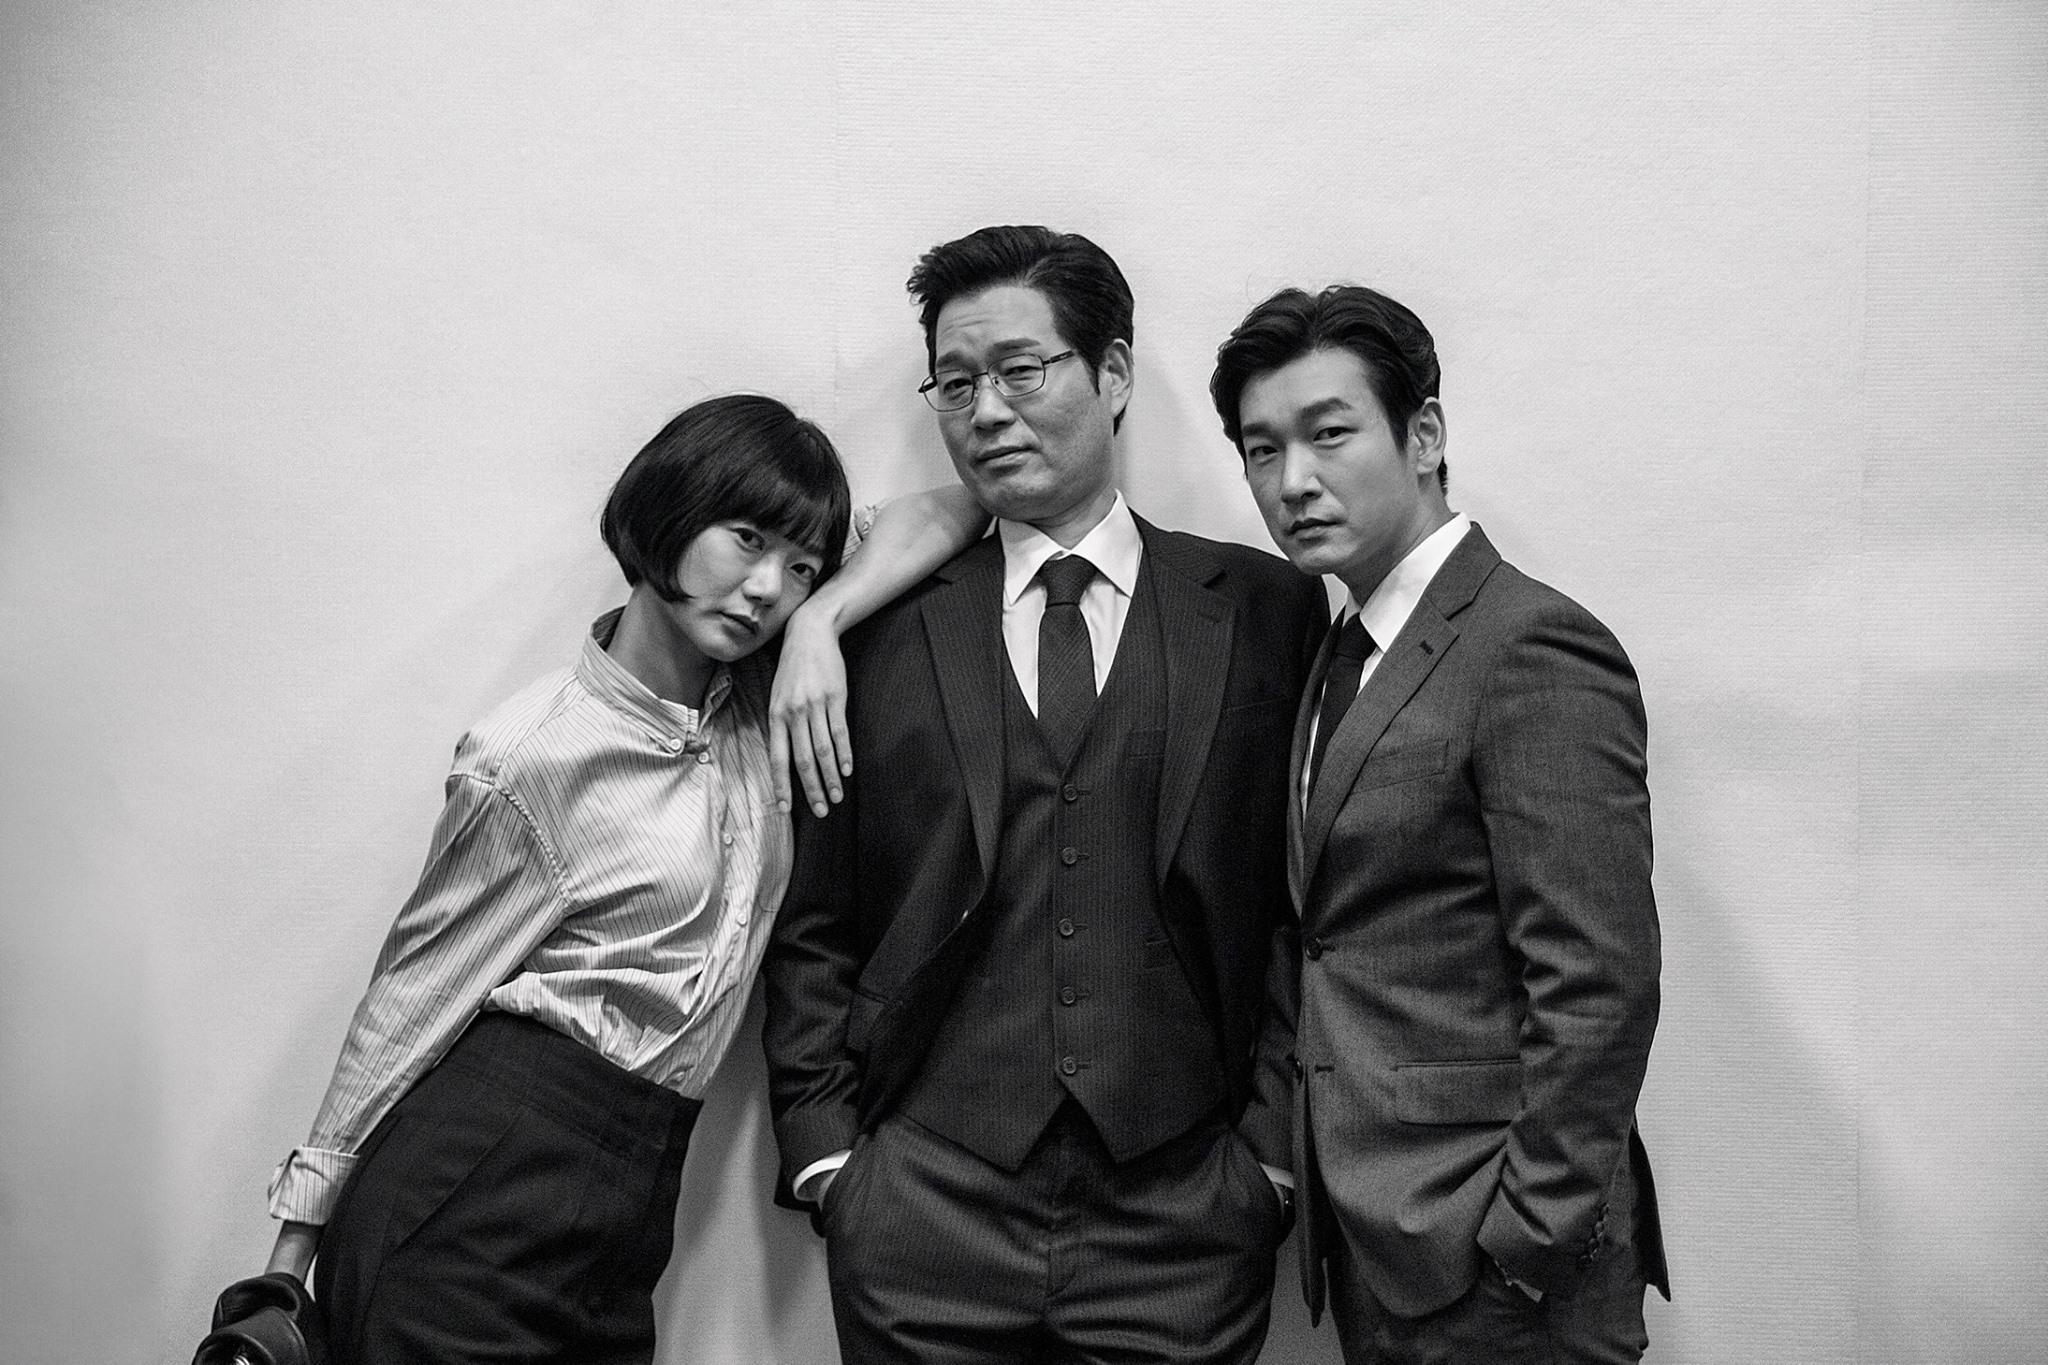 [TV썰] 지상파는 긴장하라! tvN 7월부터 '수목드라마' 신설, 드라마 강국 노리나?